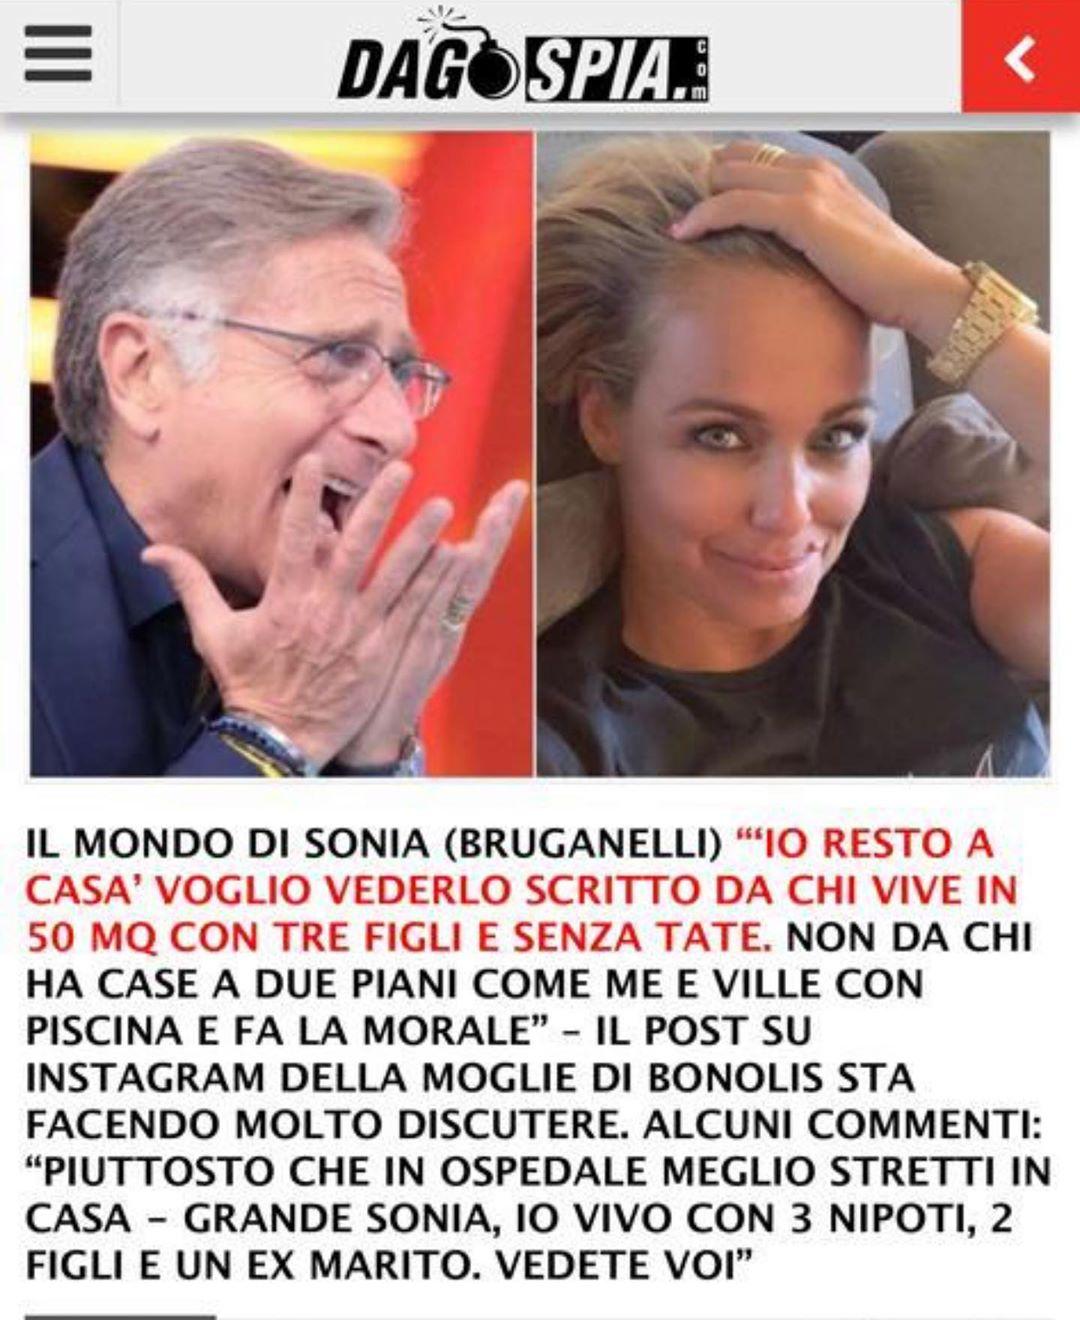 Sonia Bruganelli attacca i Vip che dicono di restare a casa... facile a farlo con villa e piscina